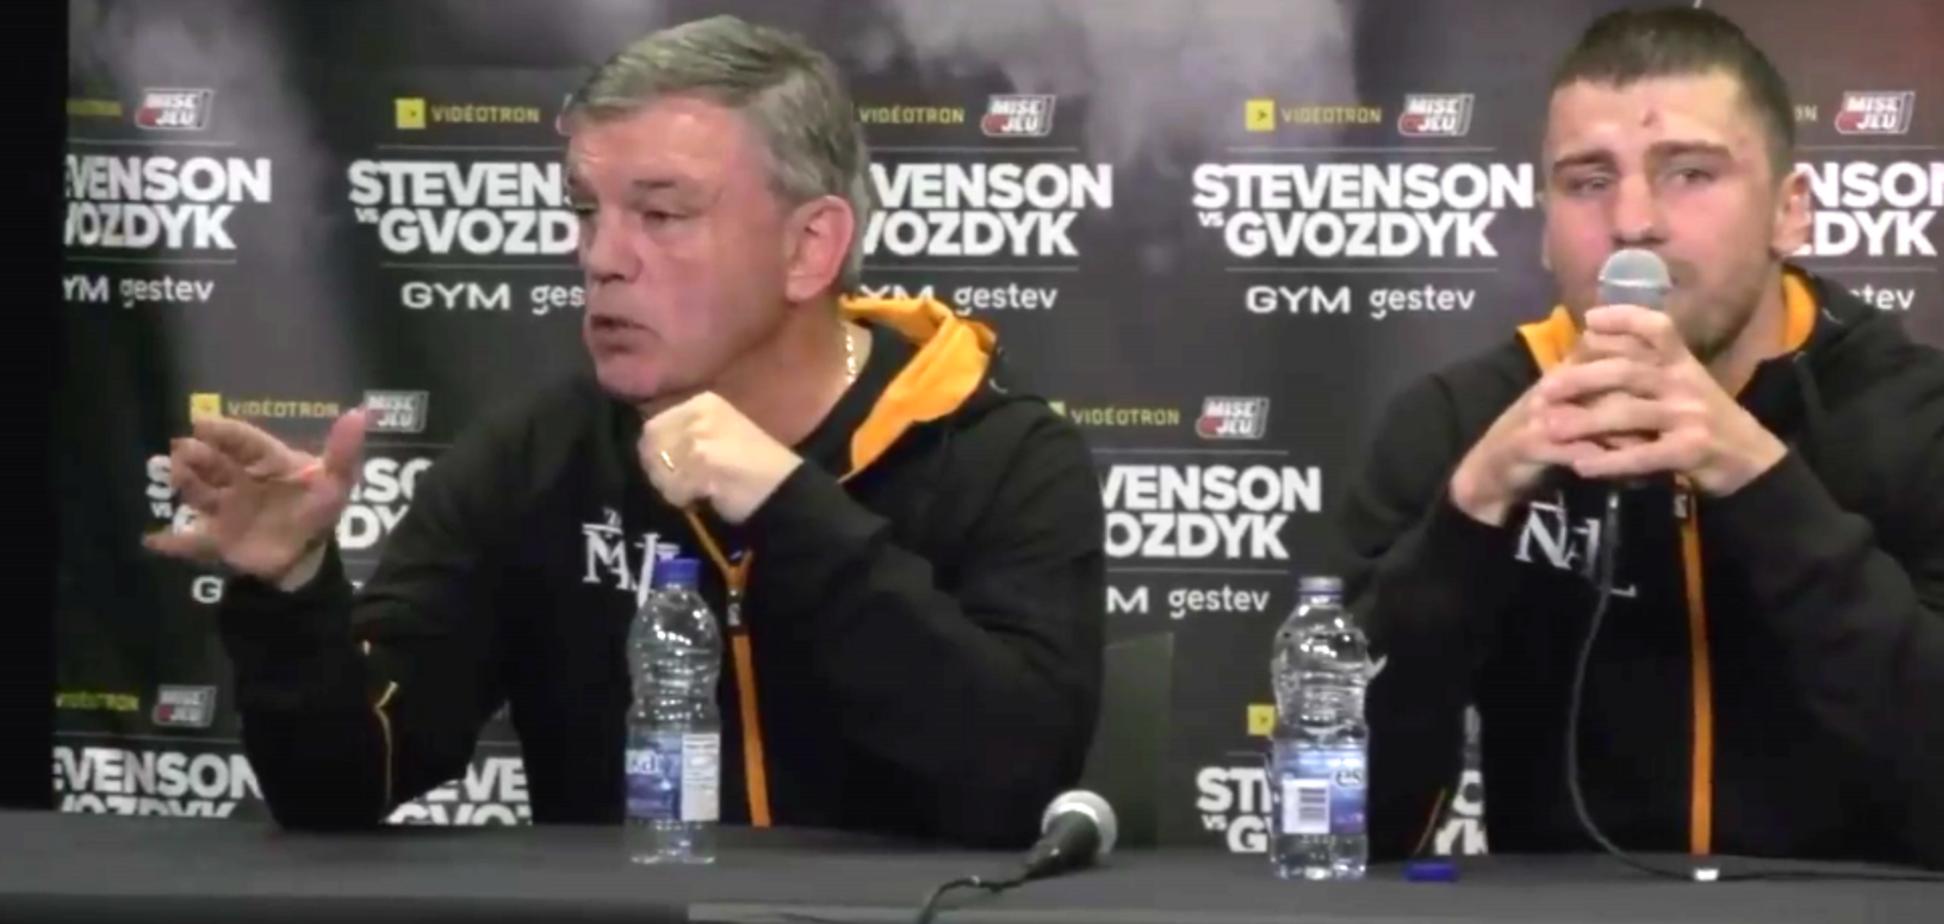 ''Це злочин!'' Тренер Гвоздика втратив самовладання на прес-конференції